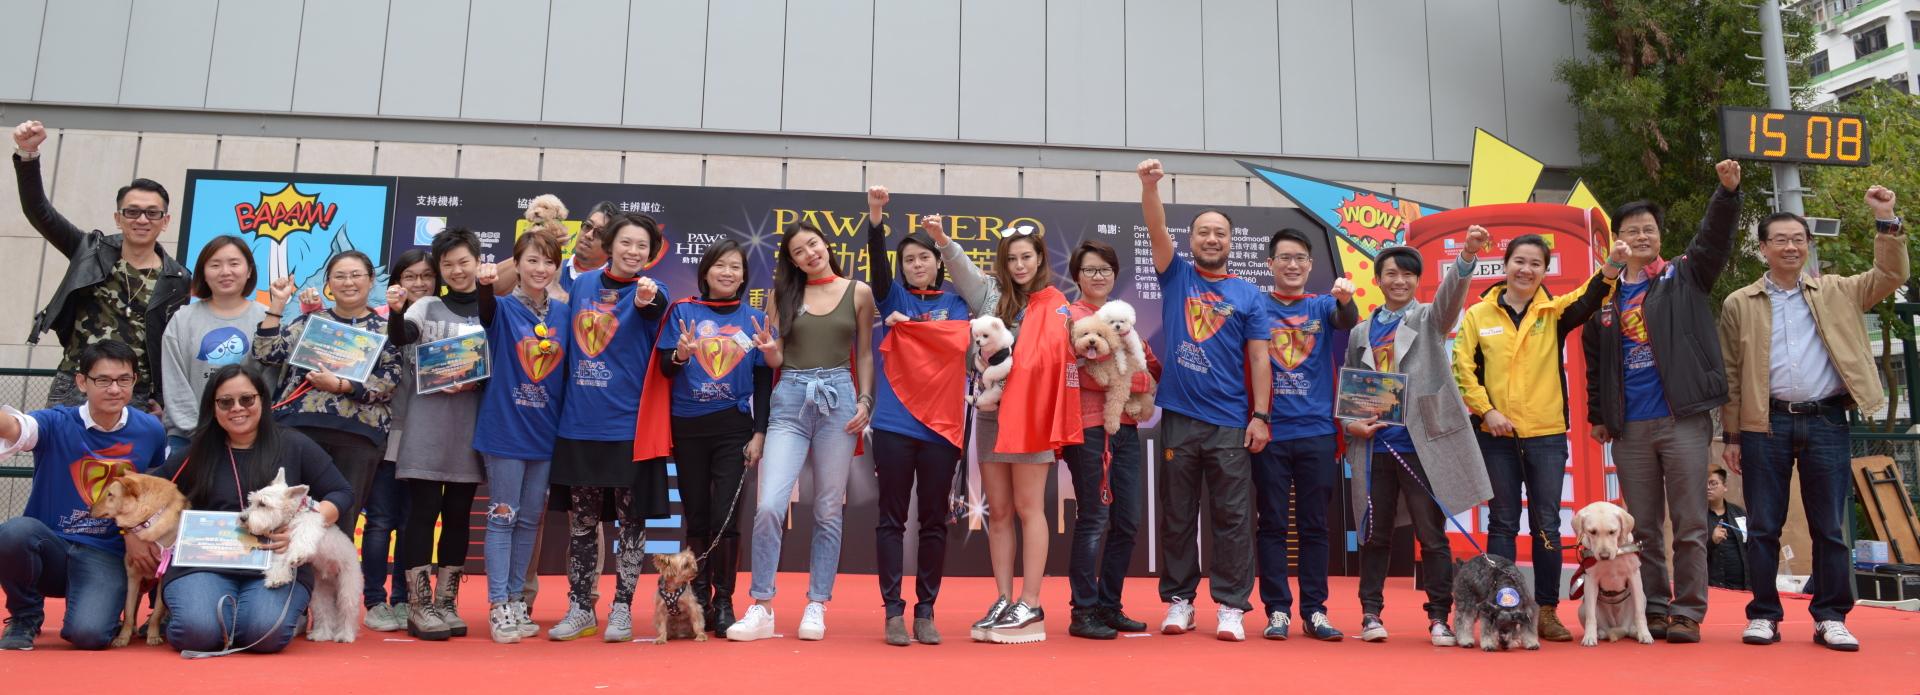 2017-03-13   香港商報